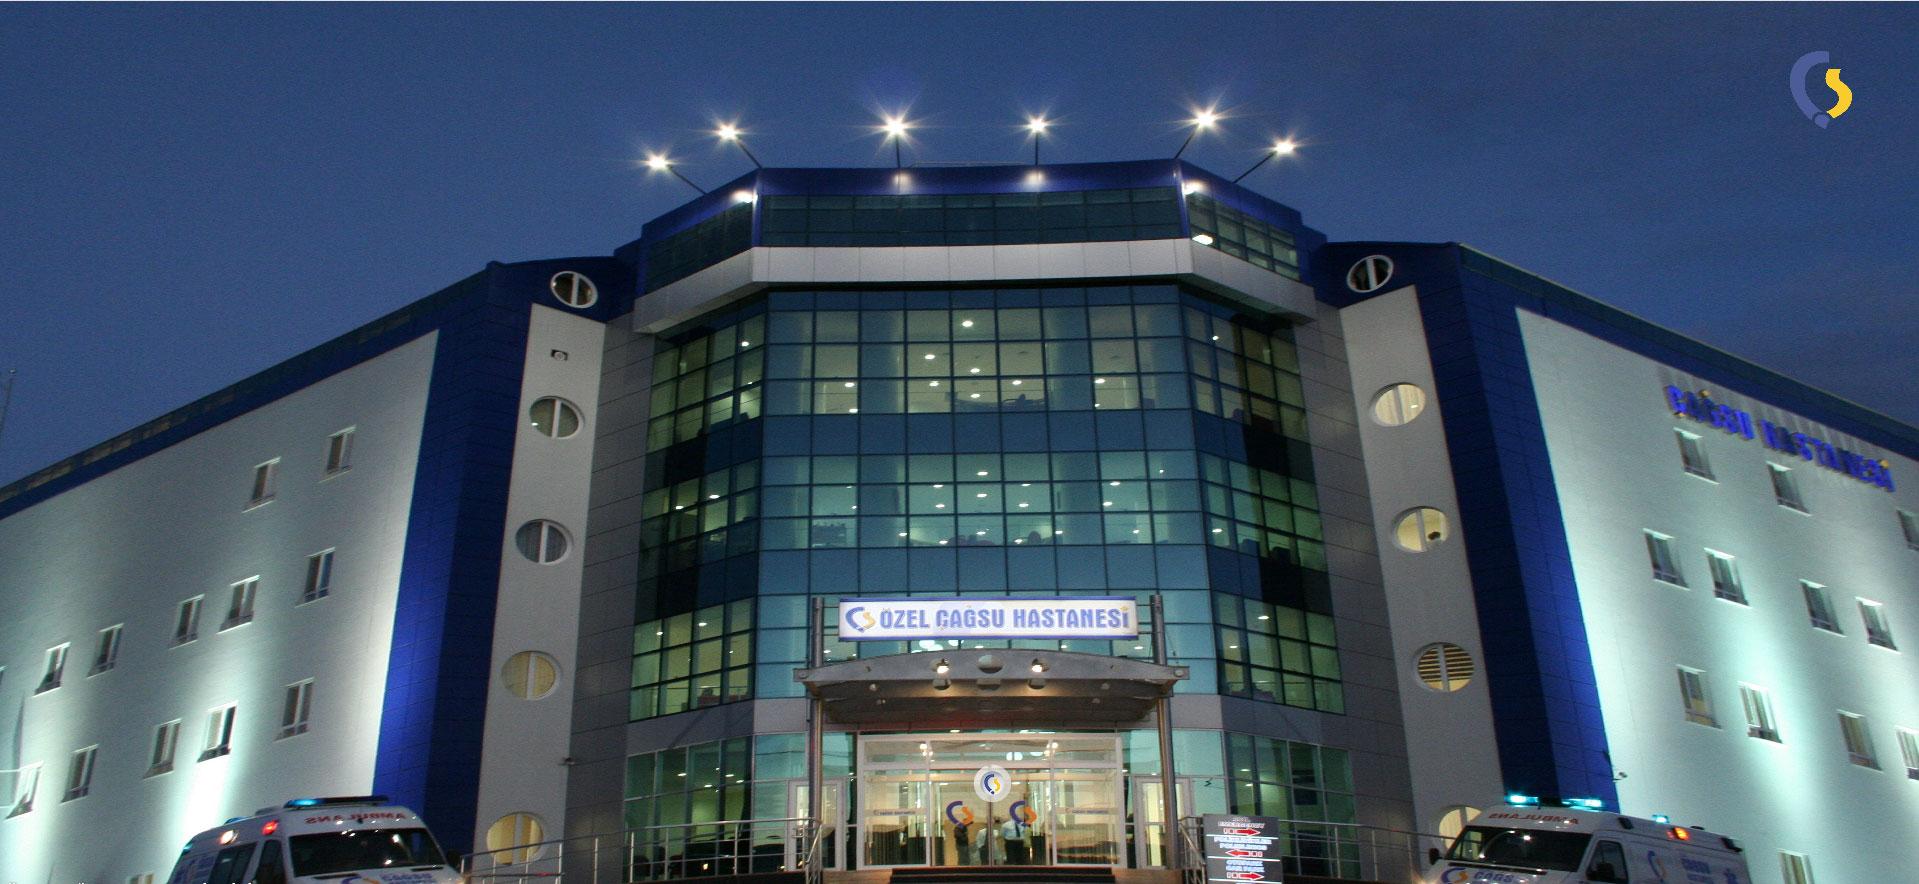 Özel Çağsu Hastanesi, Merkez, Bolu